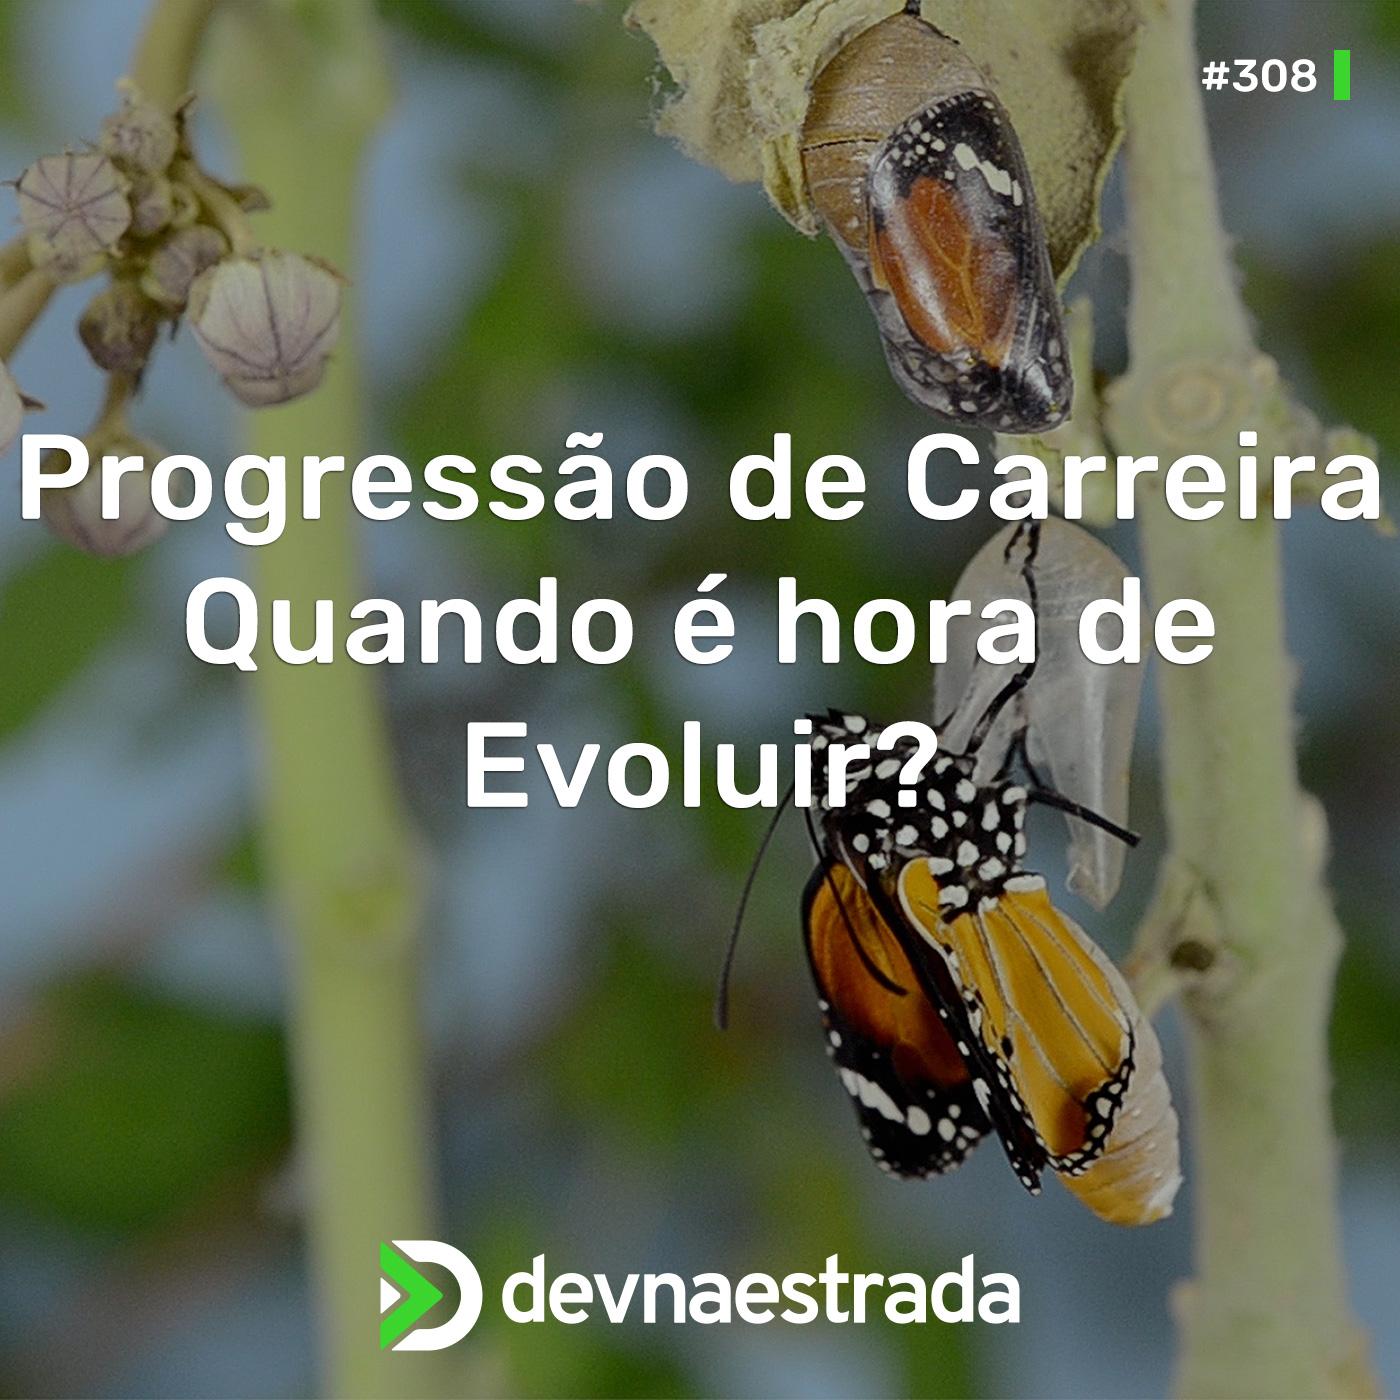 Progressão de Carreira - Quando é hora de evoluir?